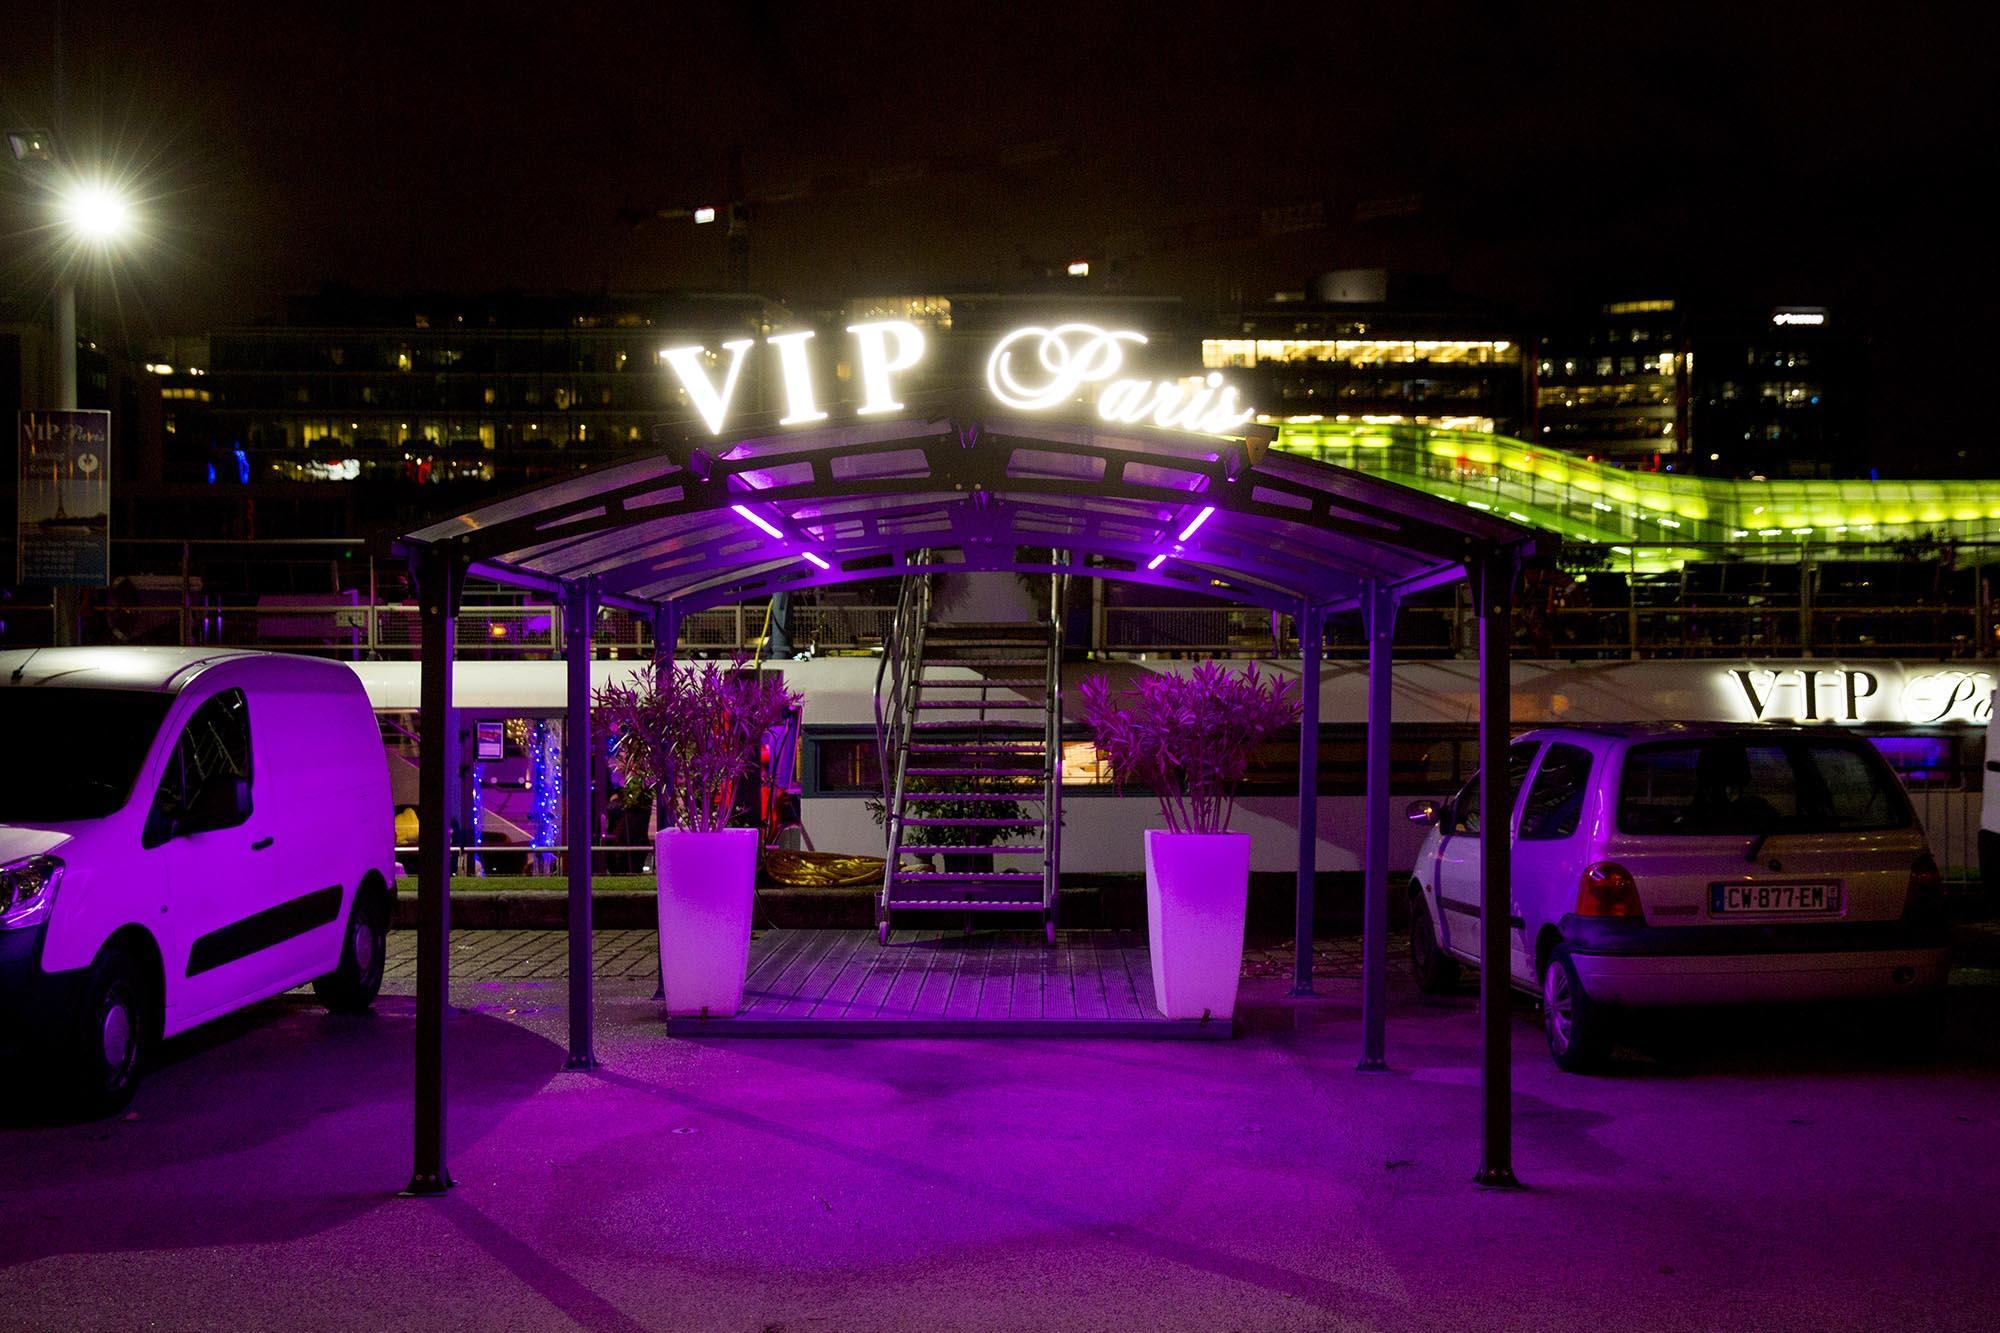 Le VIP Paris - Yacht Hotel